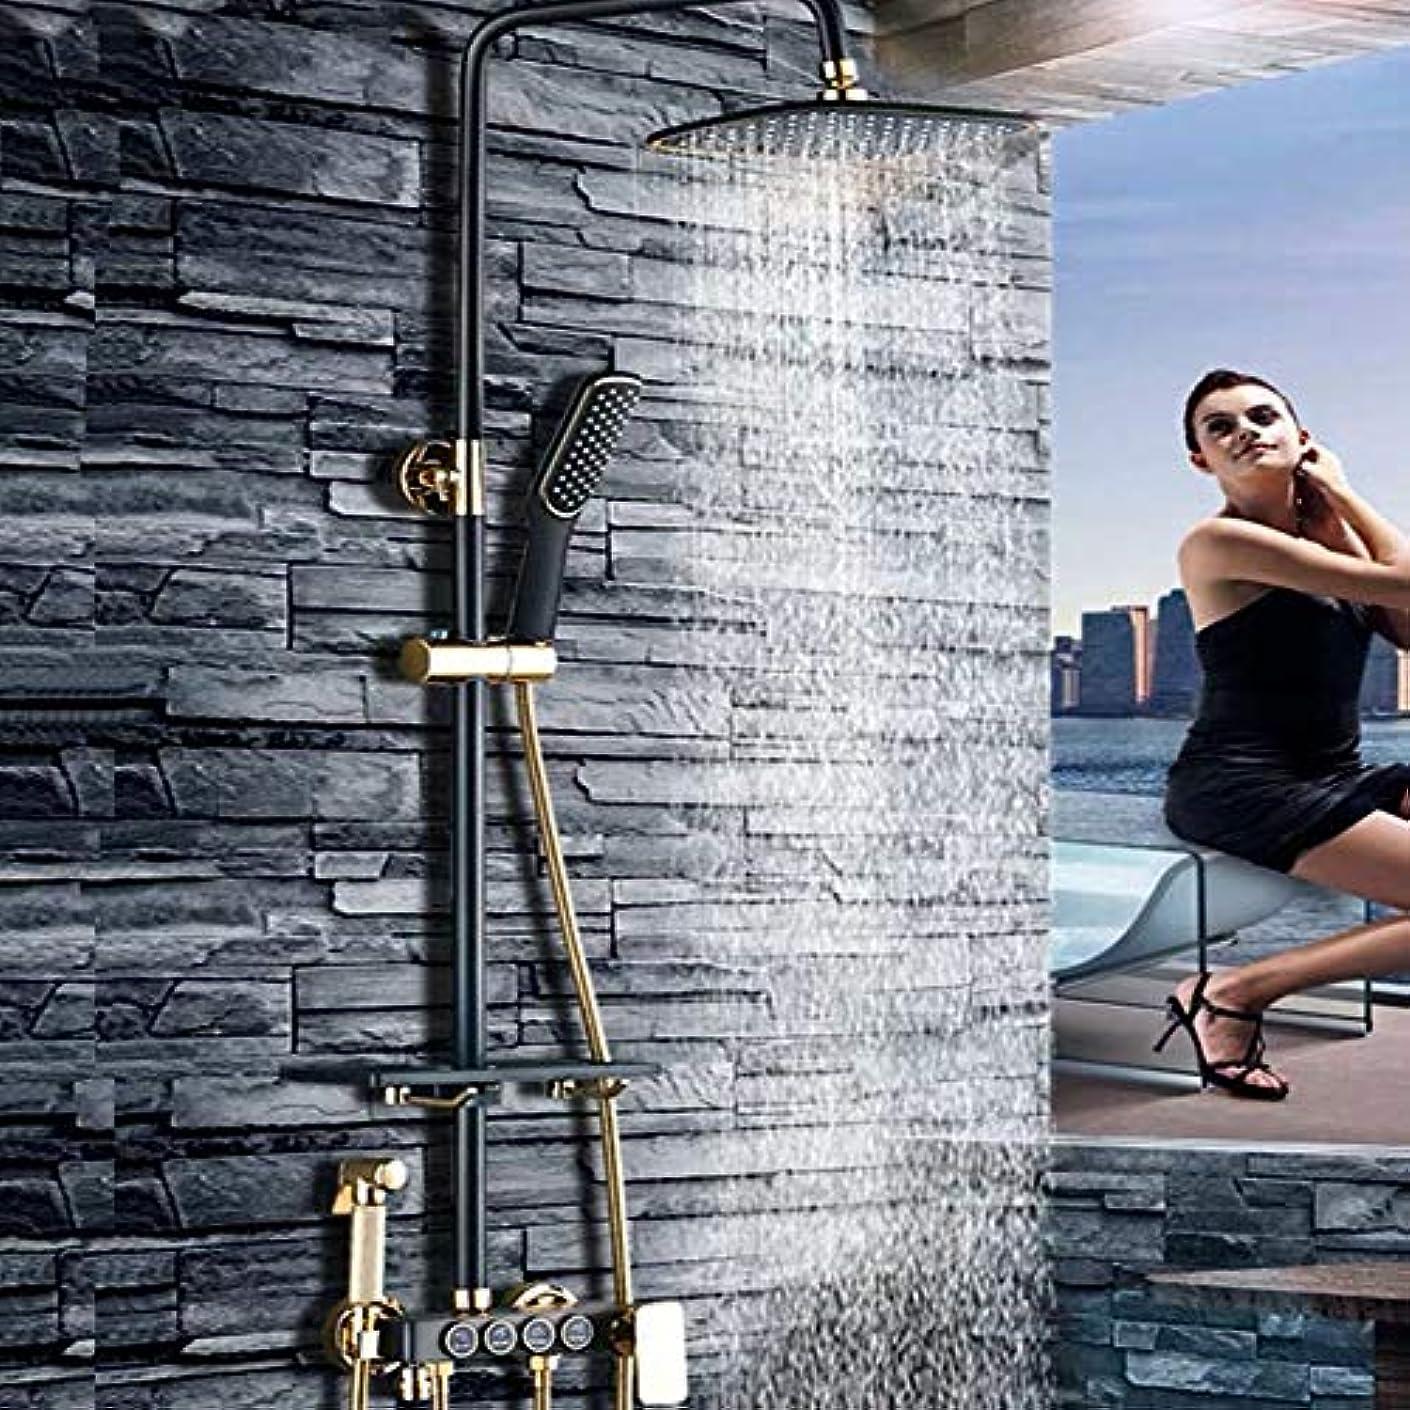 特に死定数ブラックシャワーシェルフシャワーセットサイズとセット/全銅の蛇口浴室のシャワーブースターシャワーヘッド/ファイン銅のテーマ:* 900ミリメートル340 浴室用設備